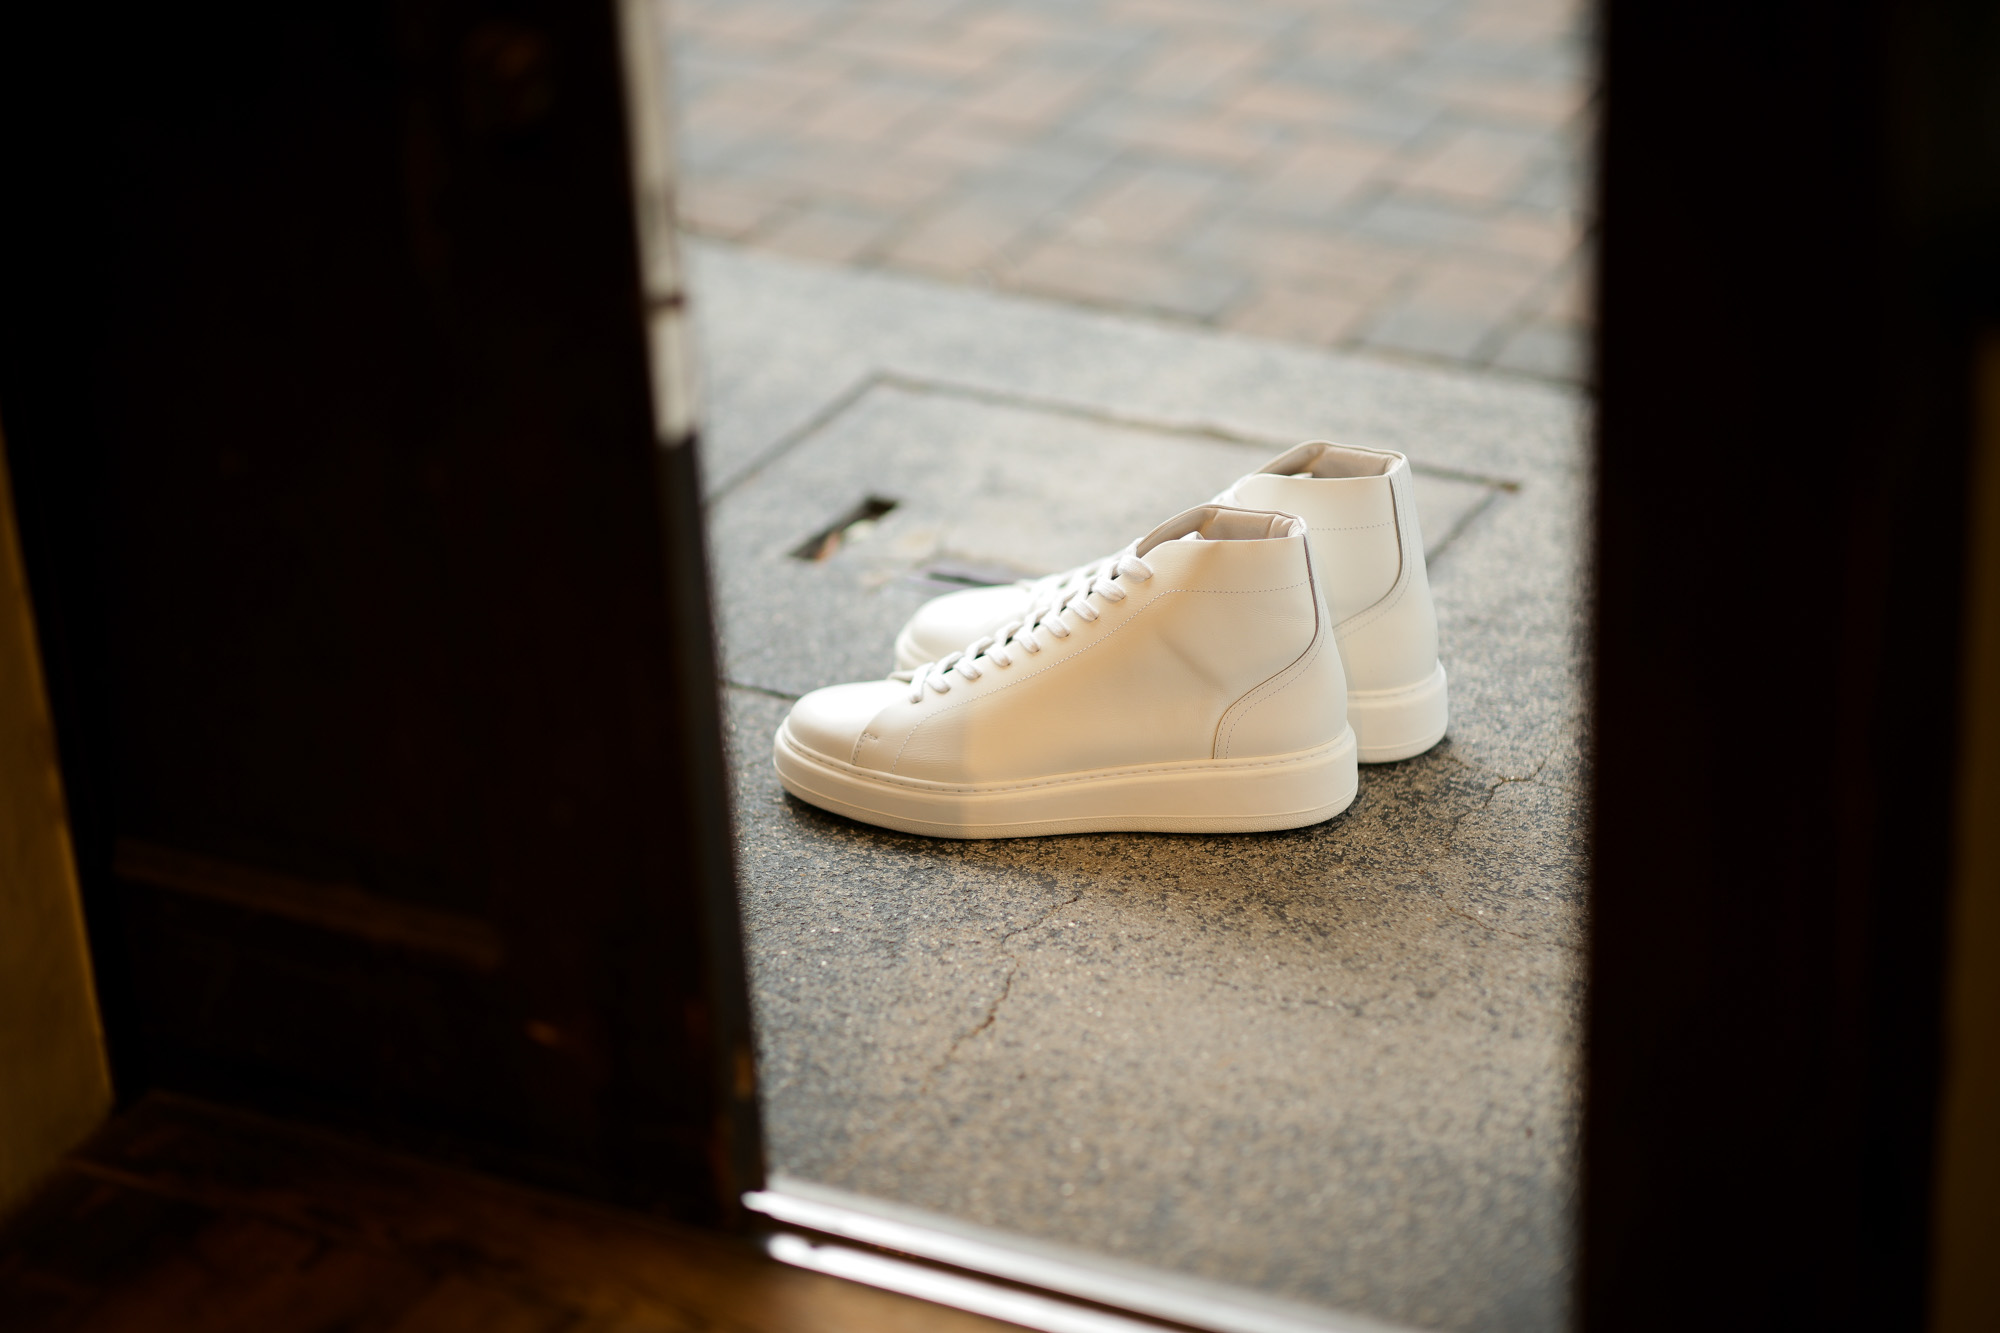 PATRICK(パトリック) CRUISE LINE クルーズライン GENOVA-HI (ジェノバ ハイ) Annonay Vocalou Calf Leather (アノネイ社 ボカルーカーフ レザー) ハイカット レザー スニーカー WHITE (ホワイト・WHT) MADE IN JAPAN(日本製) 【1st コレクション // 復刻モデル】【スペシャル限定モデル】【第1便第2便入荷しました】【フリー分販売開始します】 patrick パトリック cruiseline クルーズライン 愛知 名古屋 ZODIAC ゾディアック 干場義雅 坪内浩